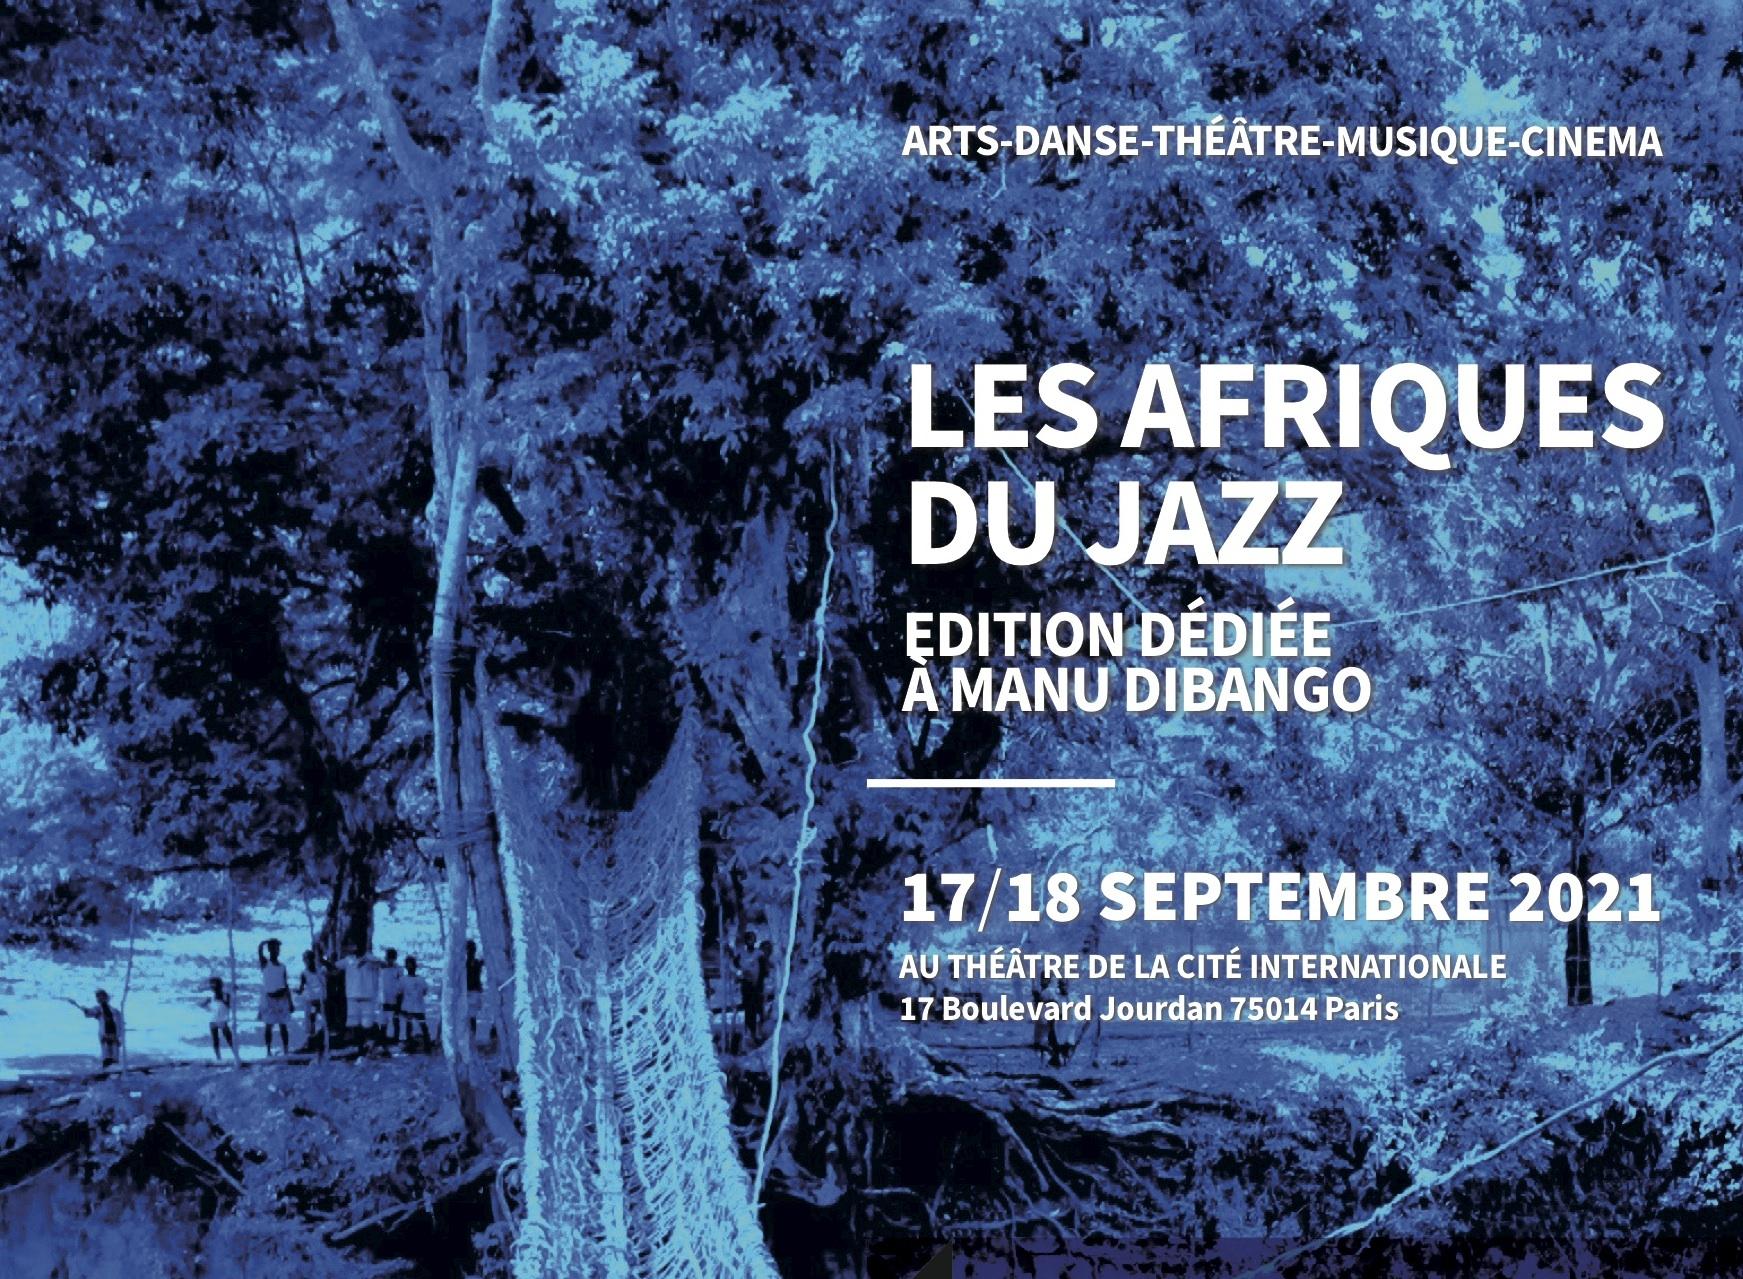 LES AFRIQUES DU JAZZ : Édition dédiée à Manu Dibango